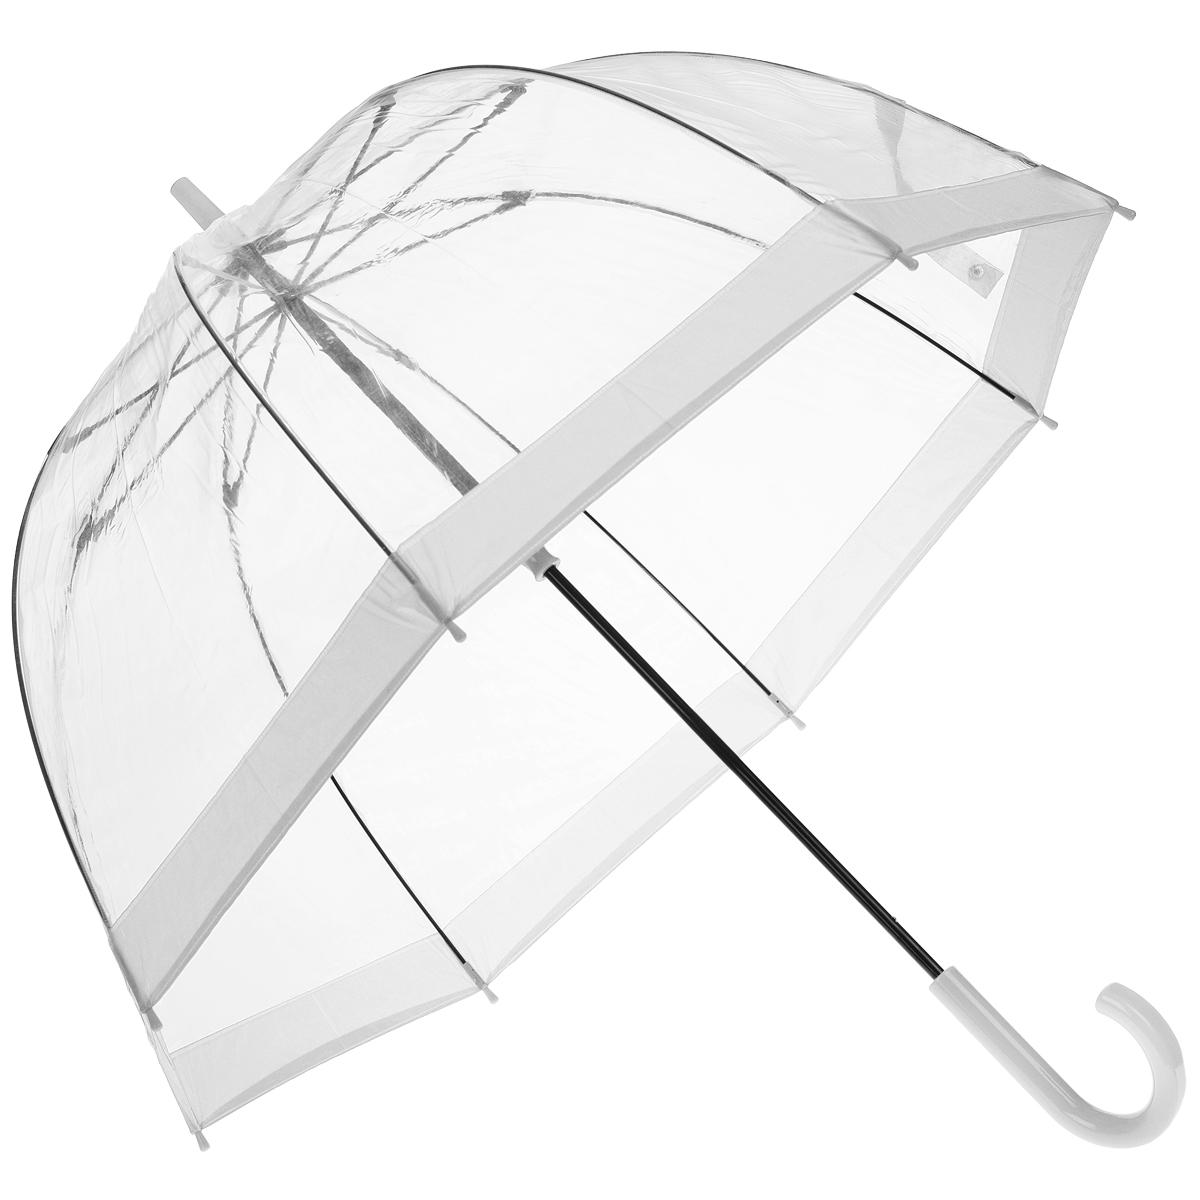 Зонт-трость женский Bird cage, механический, цвет: прозрачный, белыйL041 3F002Стильный куполообразный зонт-трость Bird cage, закрывающий голову и плечи, даже в ненастную погоду позволит вам оставаться элегантной. Каркас зонта выполнен из 8 спиц из фибергласса, стержень изготовлен из стали. Купол зонта выполнен из прозрачного ПВХ. Рукоятка закругленной формы разработана с учетом требований эргономики и изготовлена из пластика. Зонт имеет механический тип сложения: купол открывается и закрывается вручную до характерного щелчка. Такой зонт не только надежно защитит вас от дождя, но и станет стильным аксессуаром. Характеристики: Материал: ПВХ, сталь, фибергласс, пластик. Диаметр купола: 89 см. Цвет: прозрачный, белый. Длина стержня зонта: 84 см. Длина зонта (в сложенном виде): 94 см. Вес: 540 г. Артикул: L041 3F002.